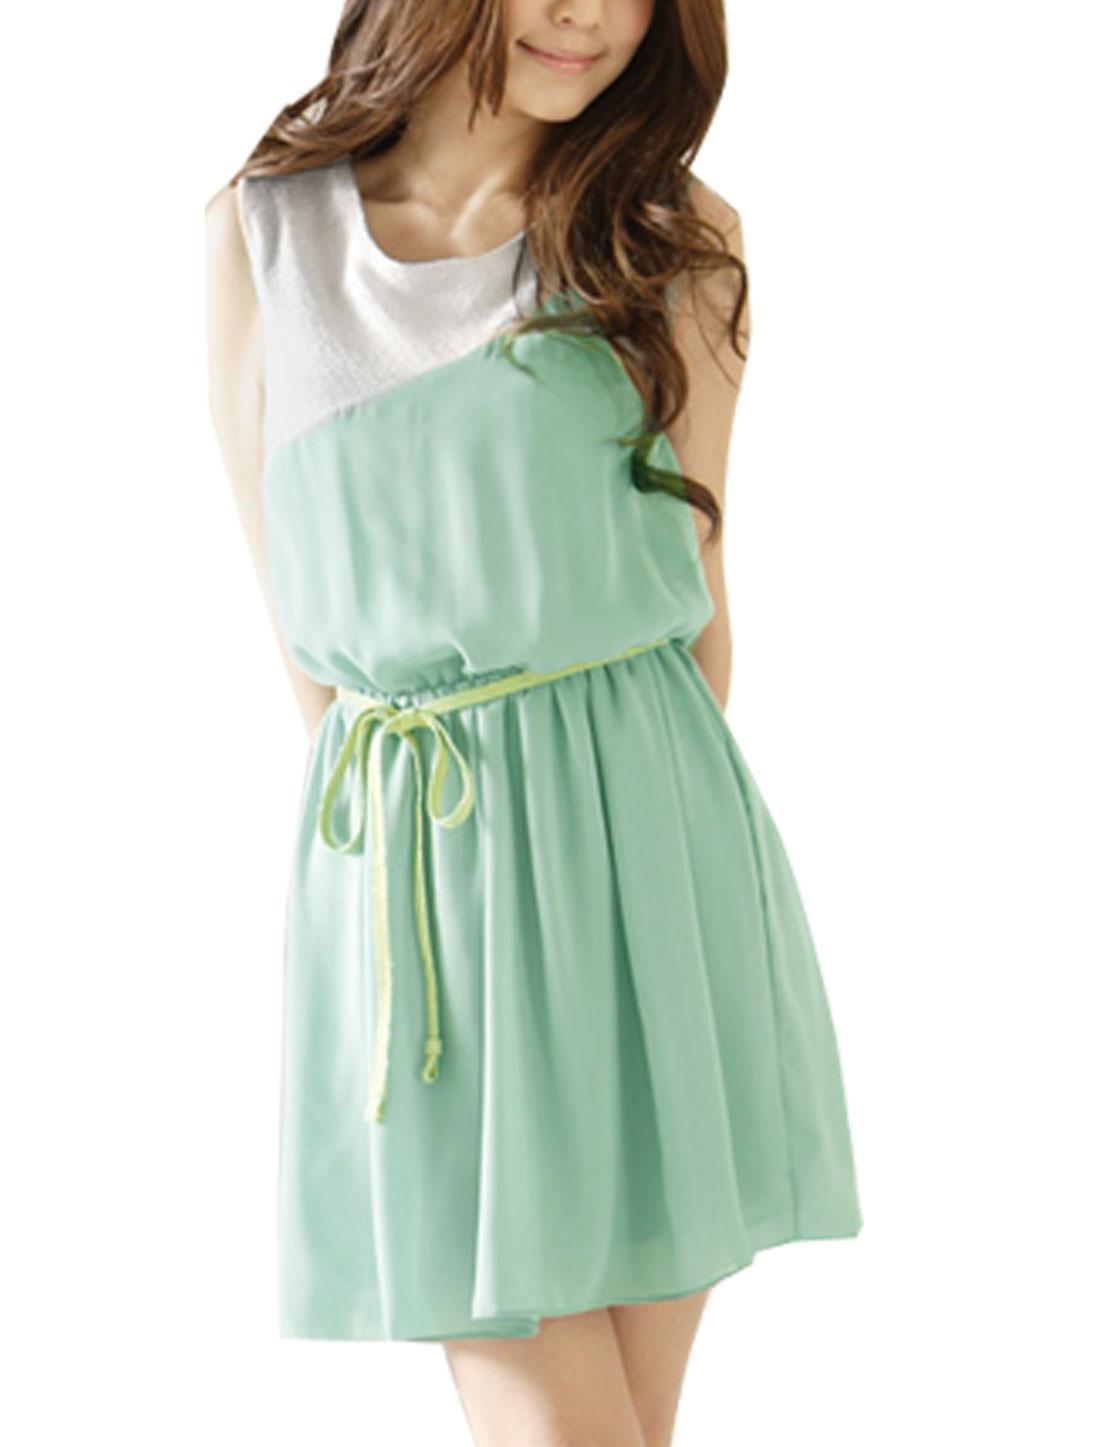 Light Green White Round Neck Sleeveless Chiffon Tunic Shirt XS for Lady